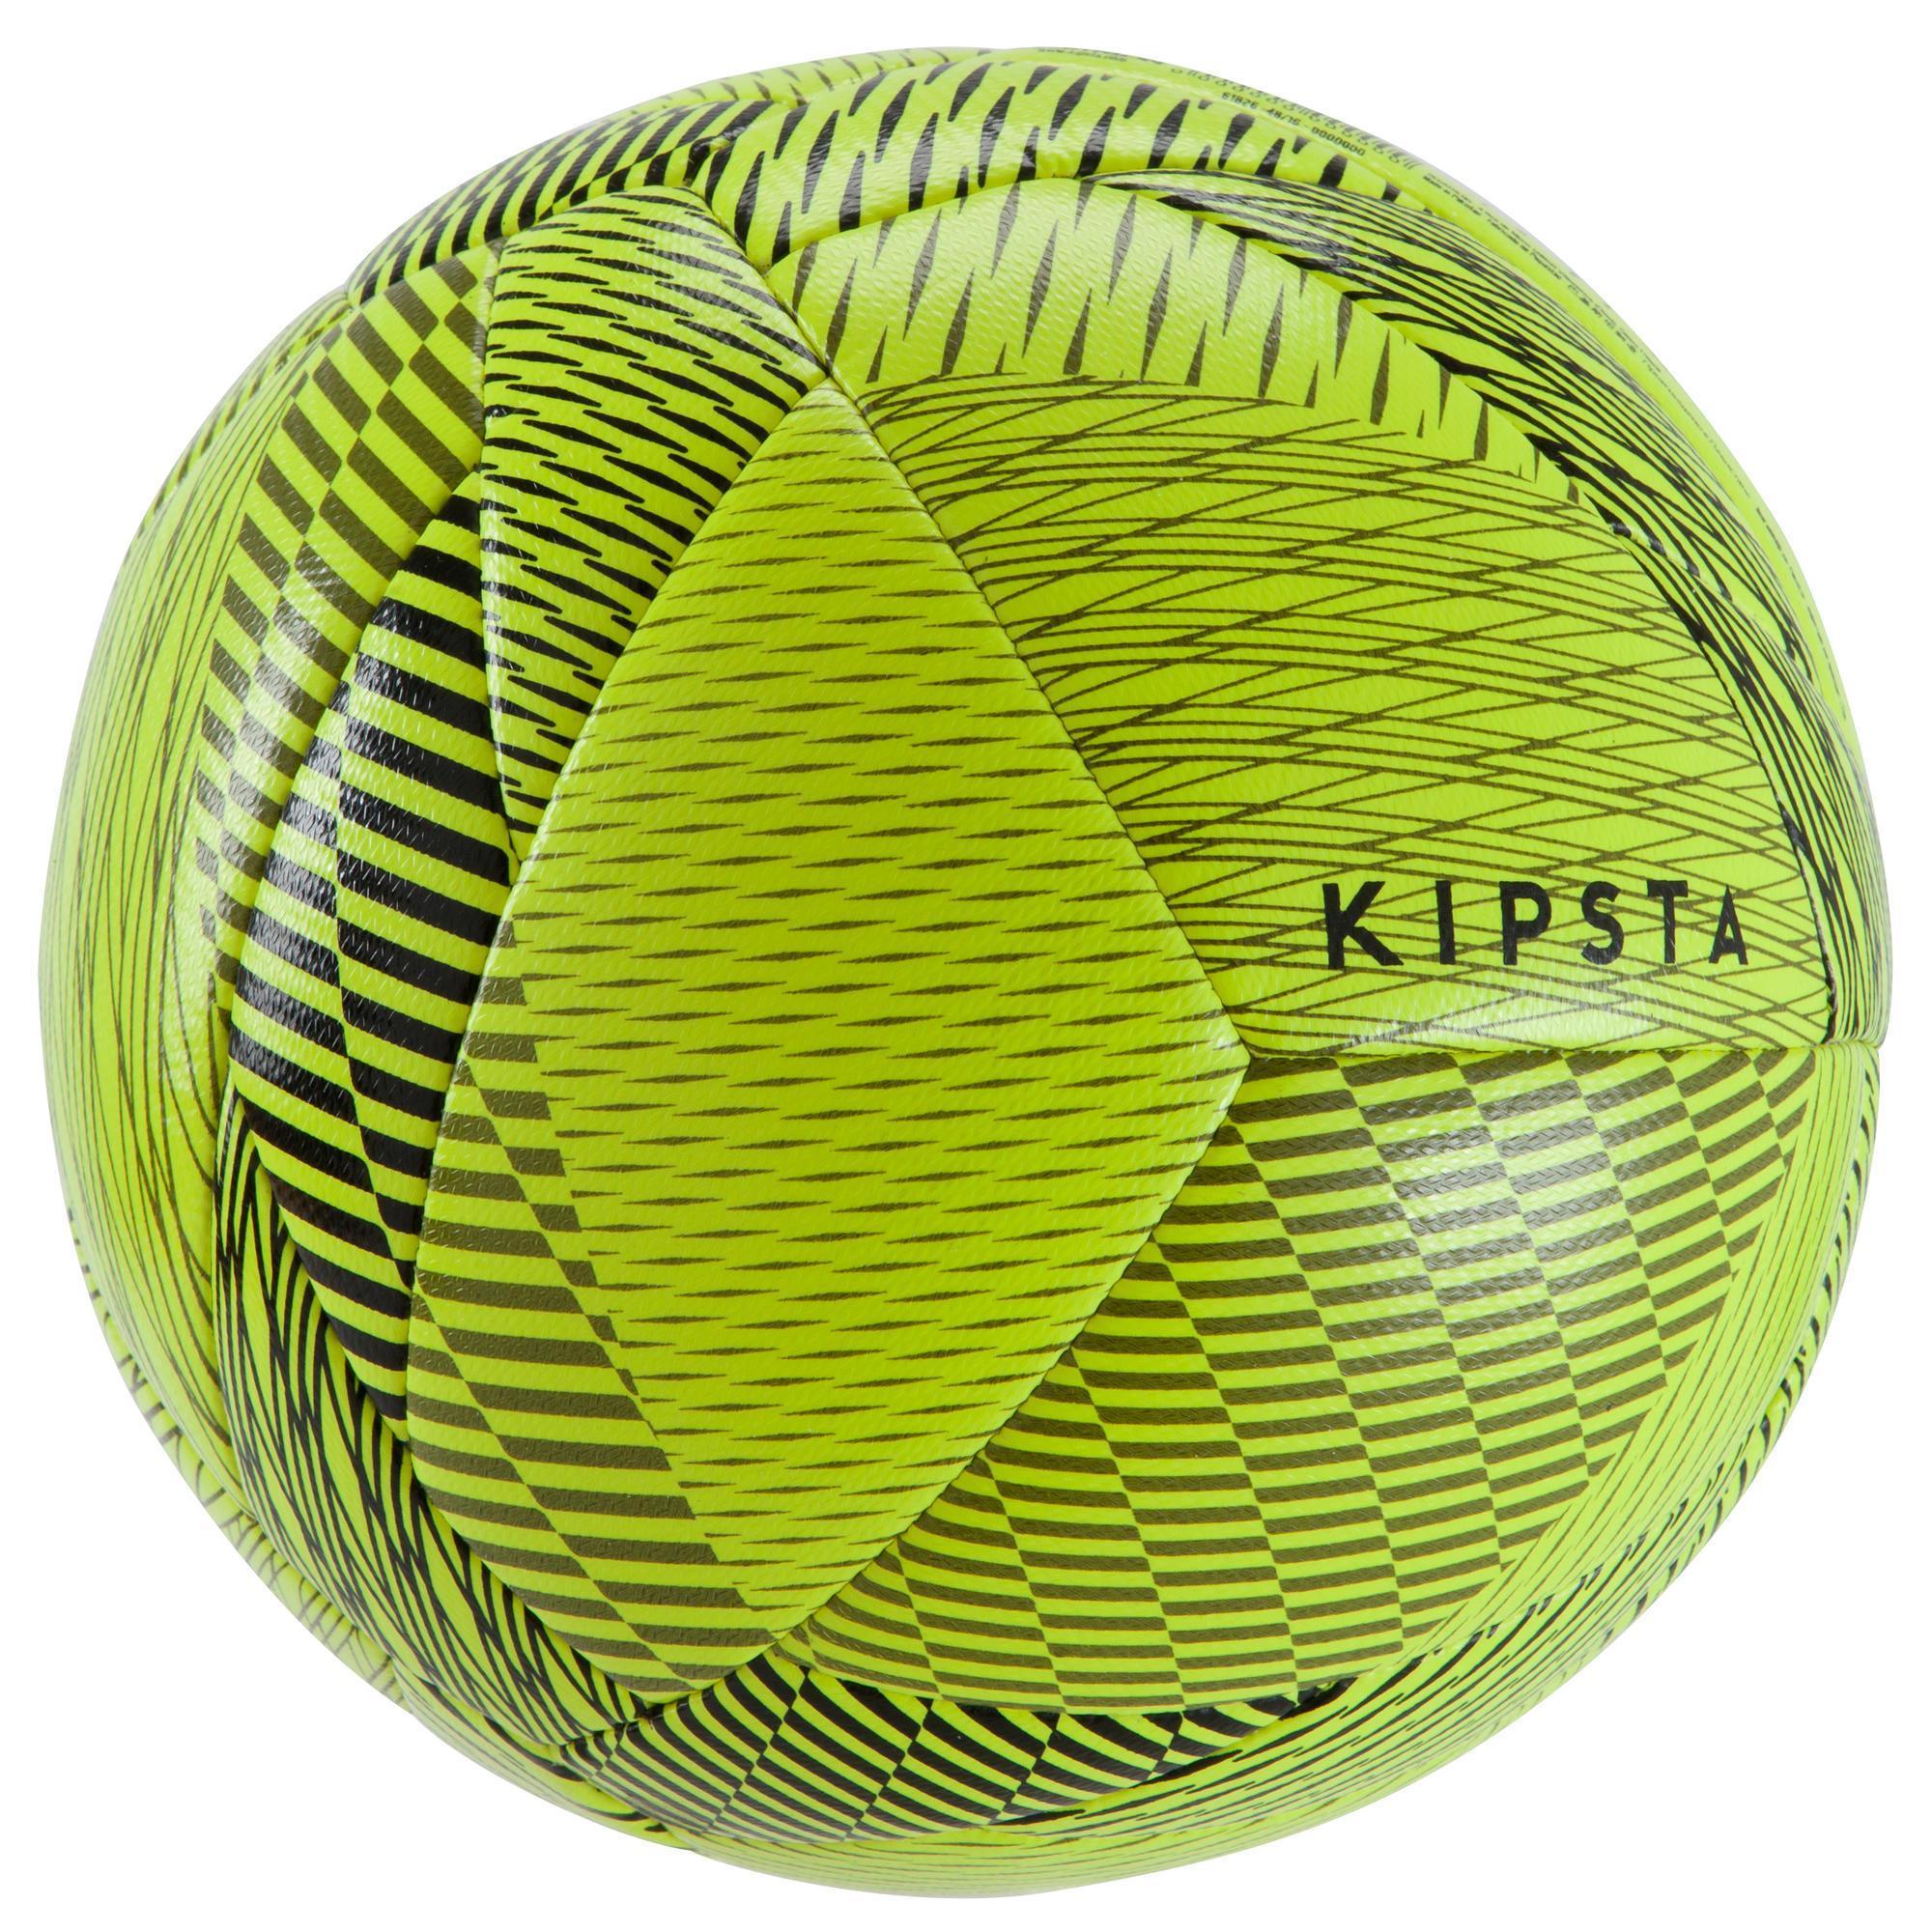 Kipsta Zaalvoetbal 100 hybride maat 3 geel